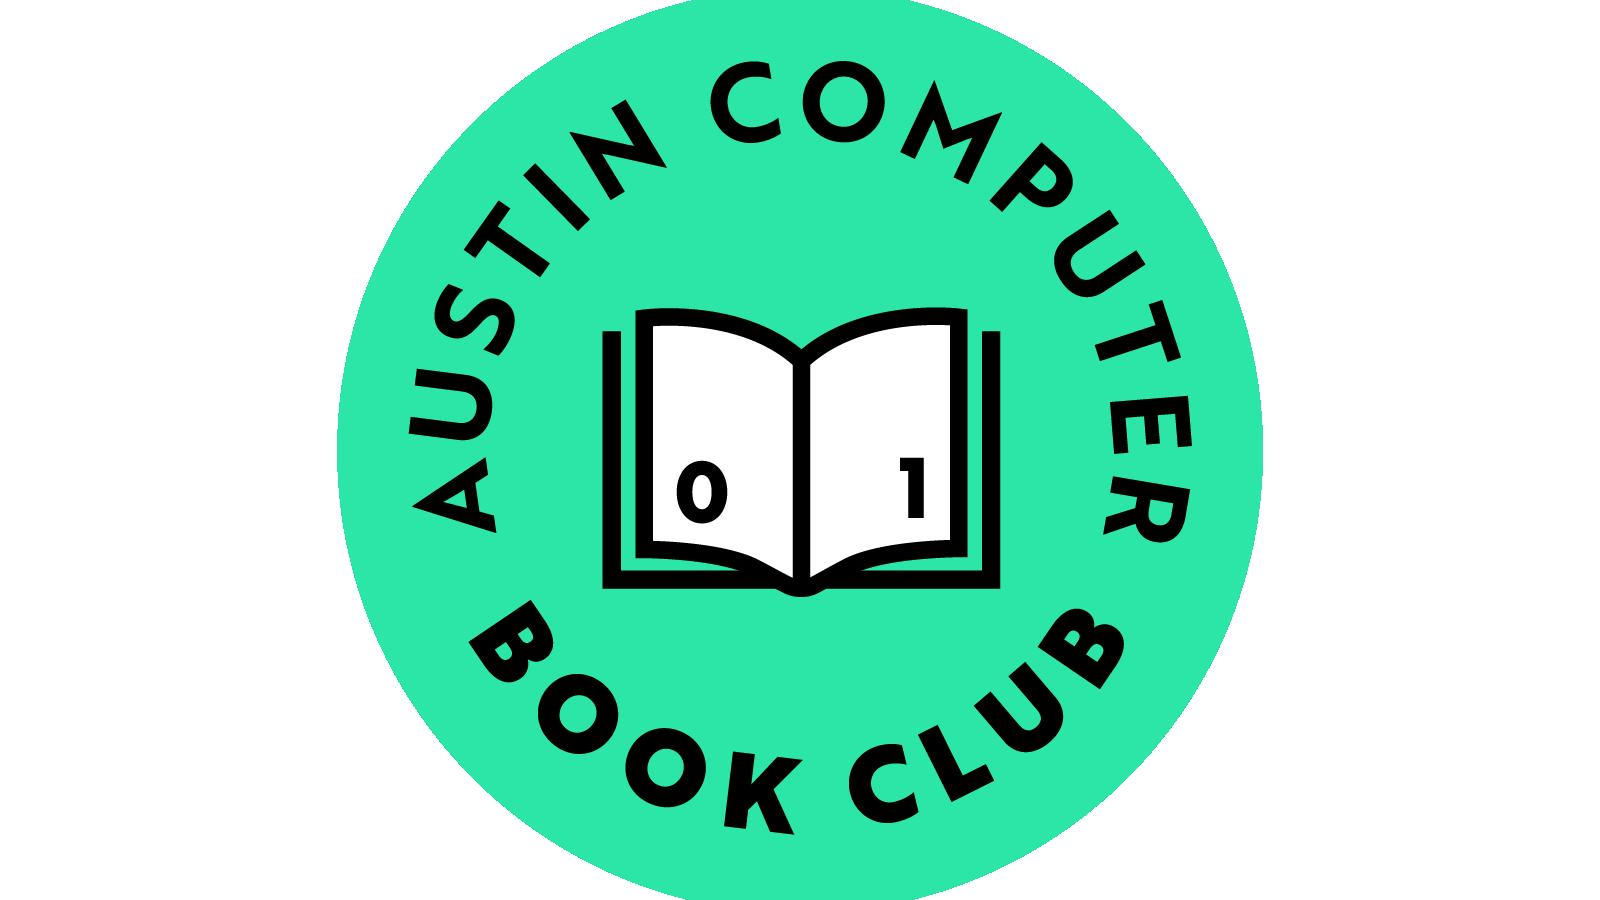 Austin Computer Book Club